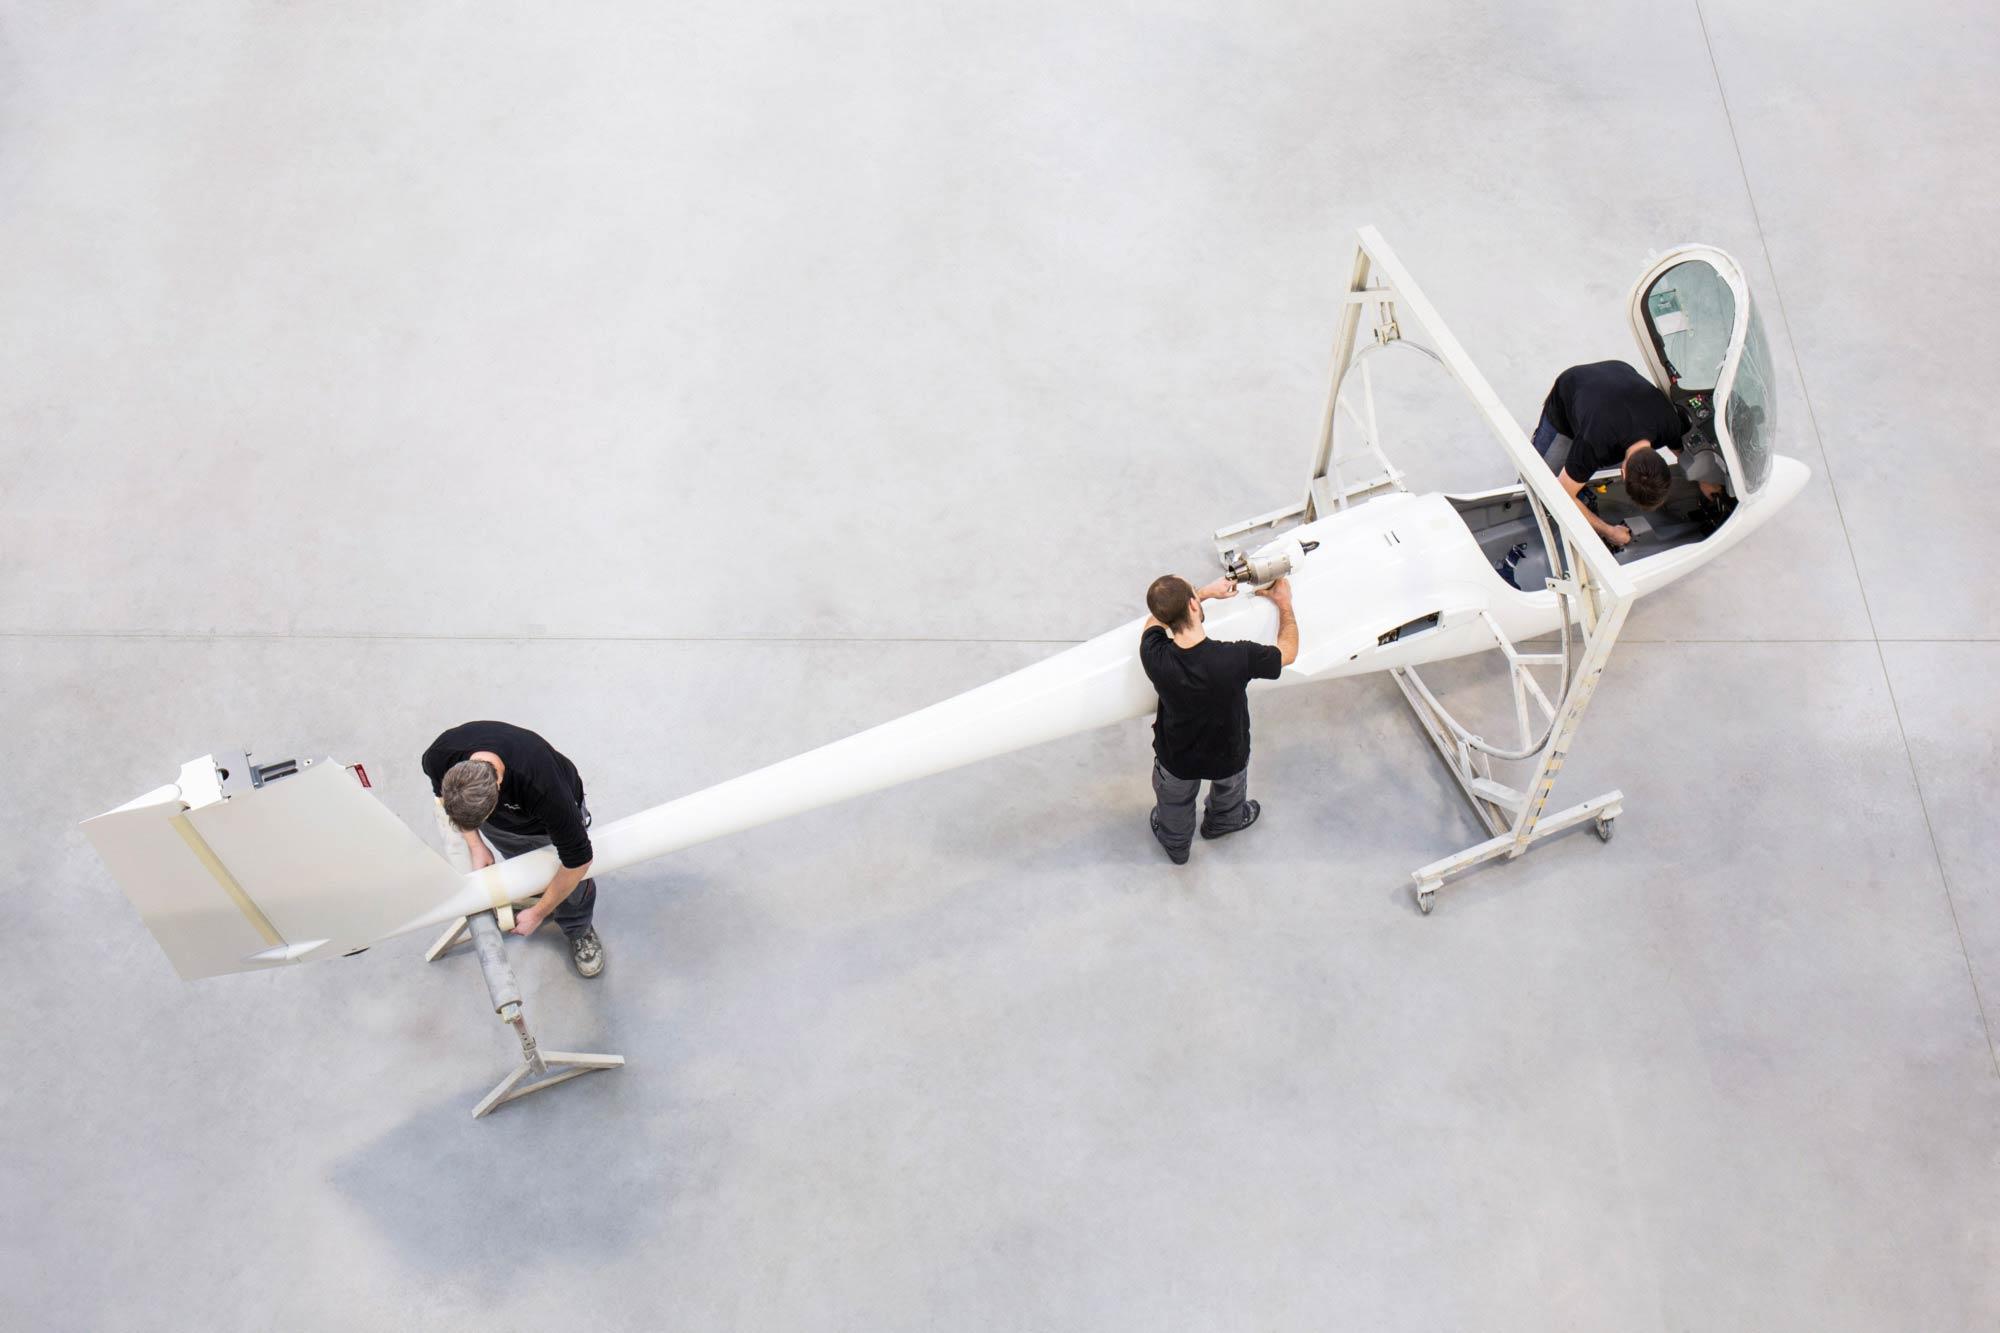 Werbefoto für die Corporate Image-Kampagne für M&D Aviation Marketing: Im Hangar wird ein Segelflugzeug zusammengebaut.